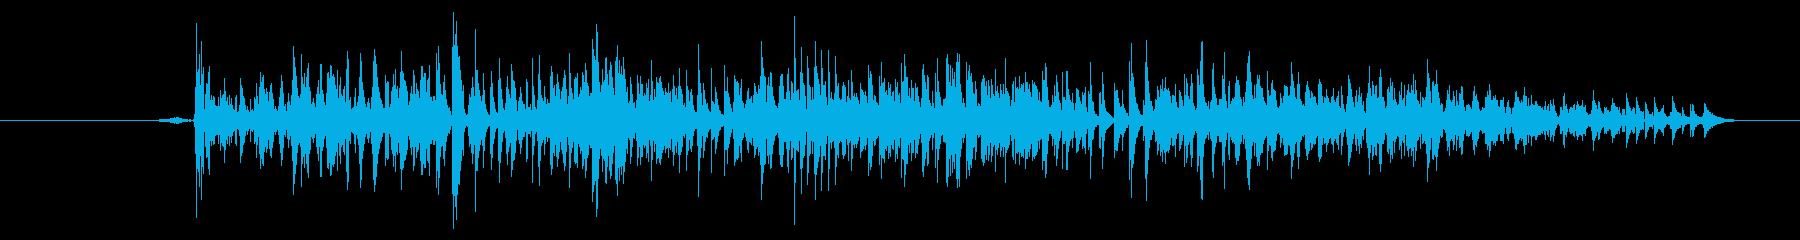 モンスター 窒息ゾンビ01の再生済みの波形